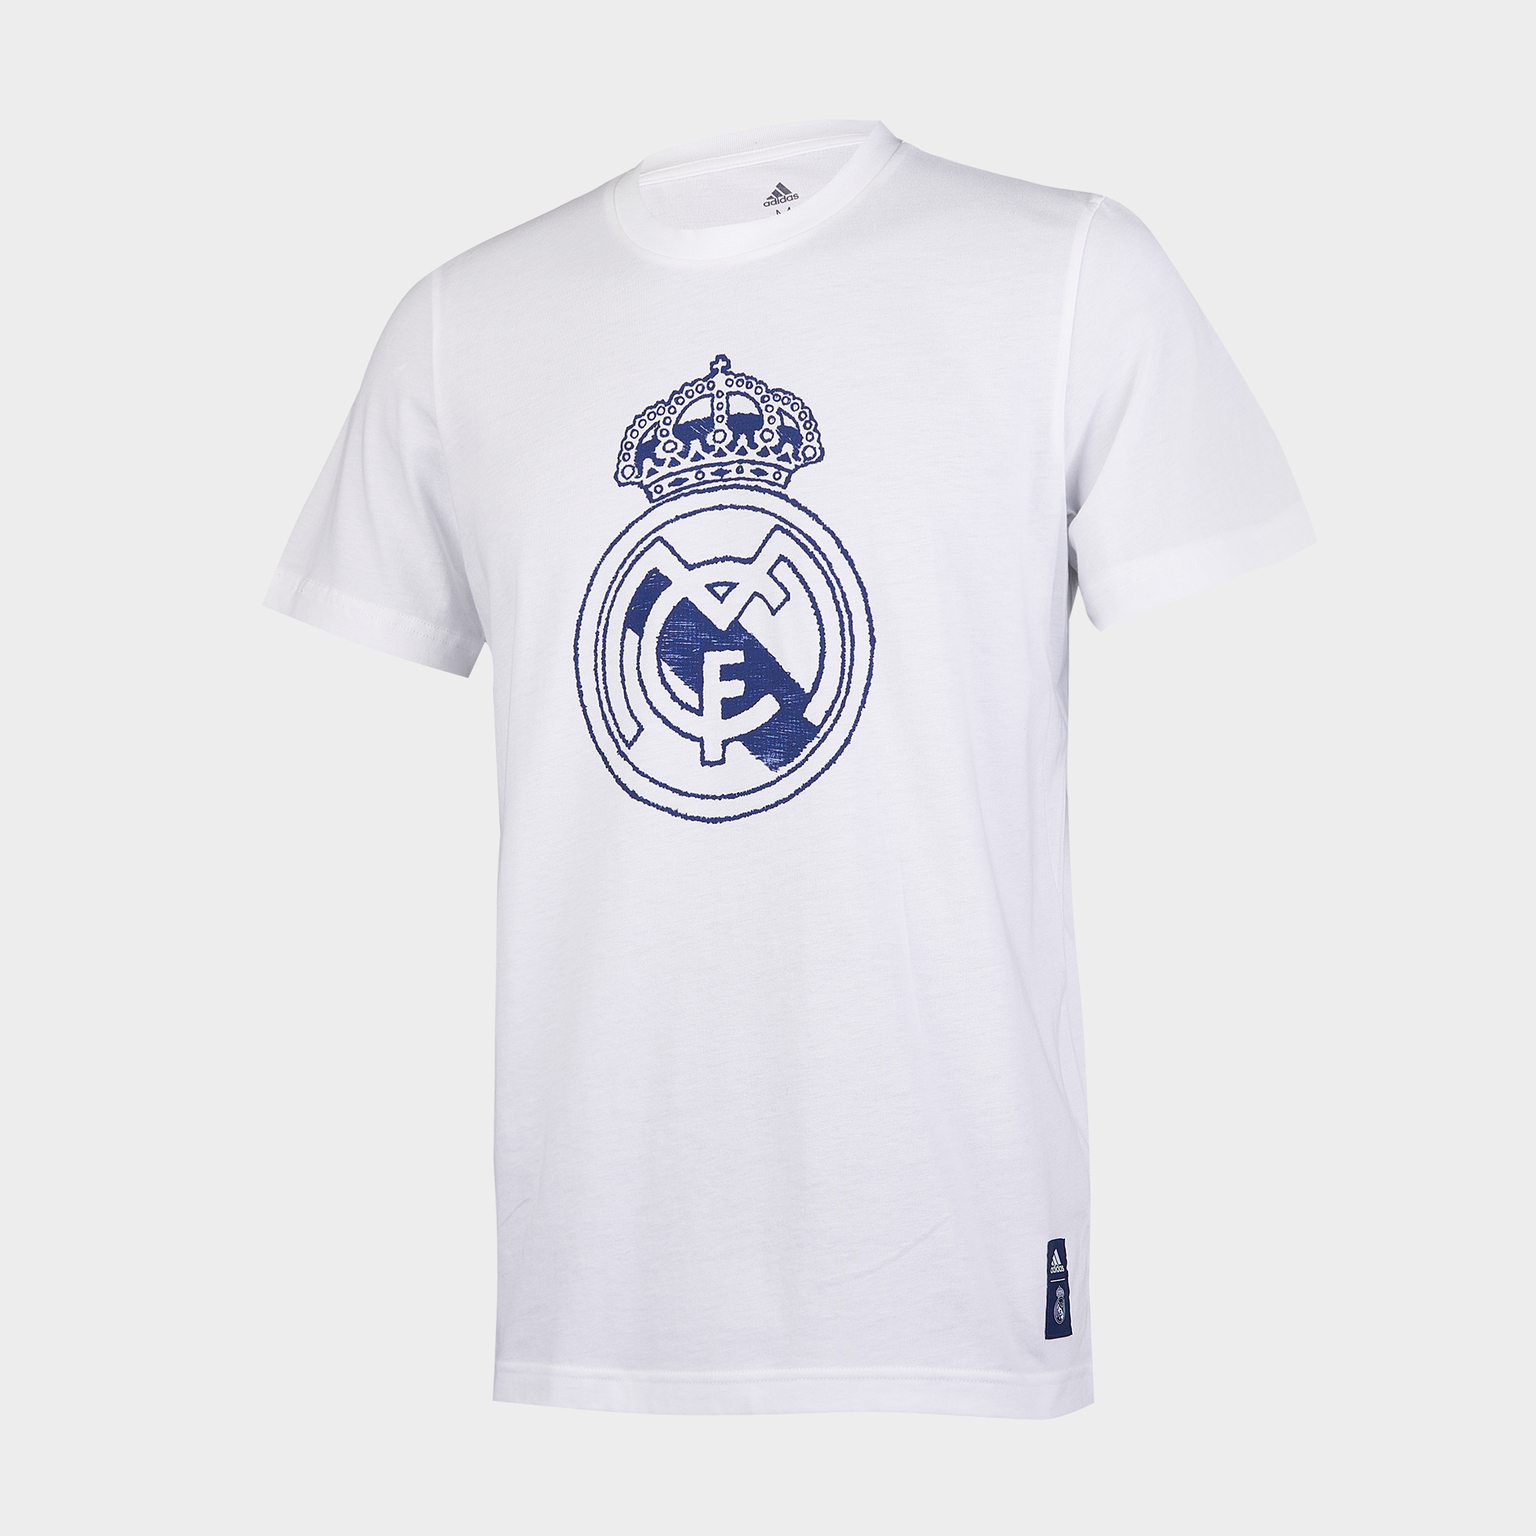 Футболка хлопковая Adidas Real Madrid сезон 2020/21 шорты тренировочные adidas real madrid сезон 2020 21